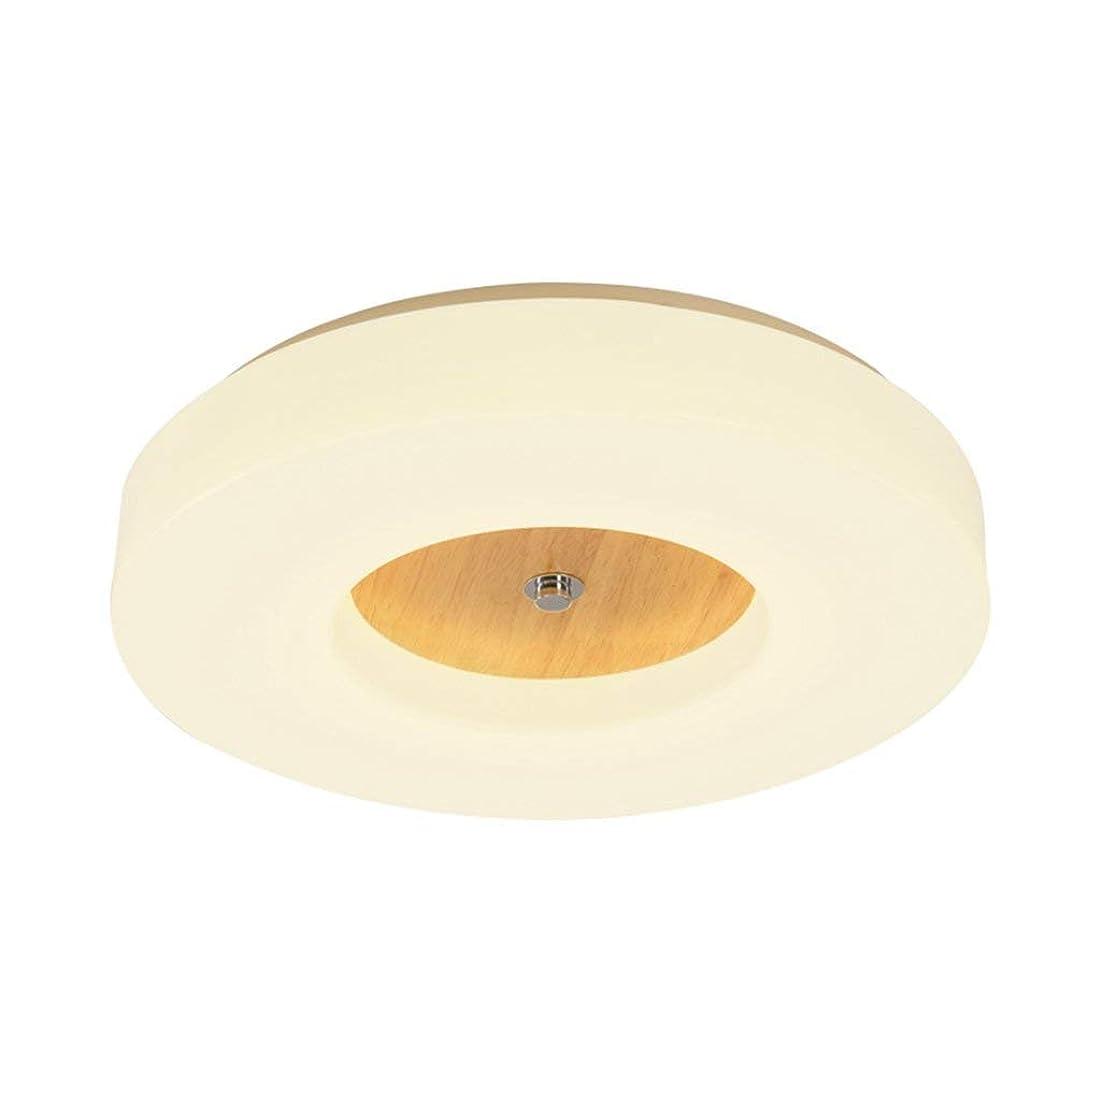 爆弾五連想ホワイトアンビエンスはまだ40W接続可能なLEDシーリングランプ、丸い木製の装飾ライトペンダントライト[エネルギークラスA +] (Color : Stepless dimming)